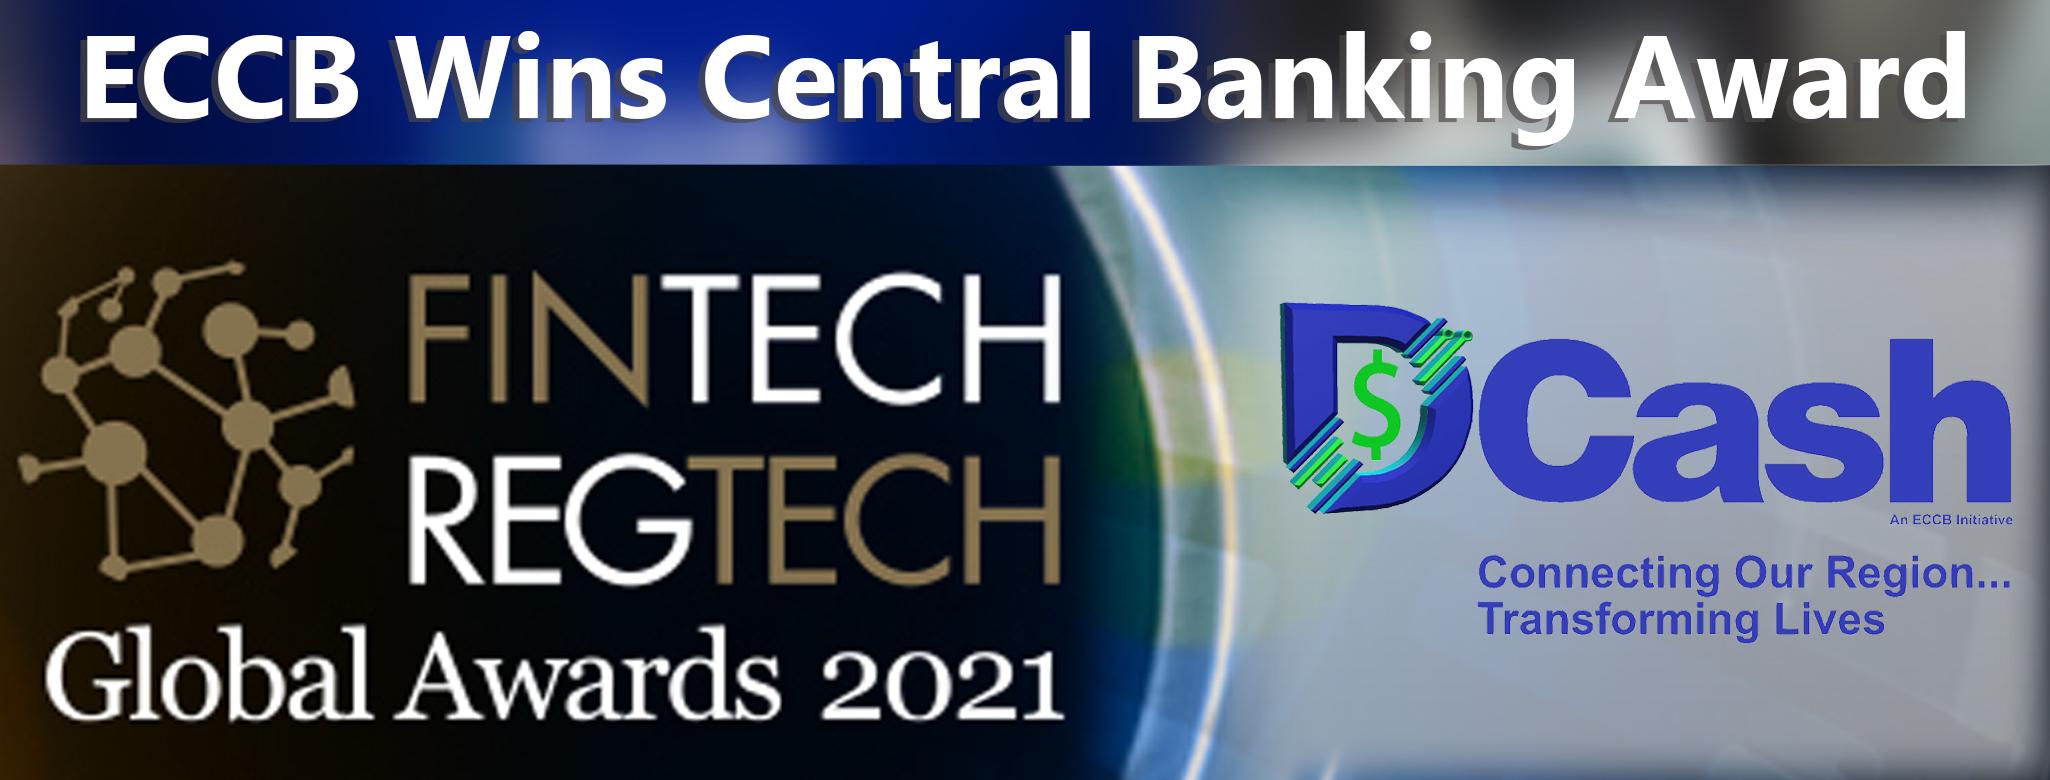 ECCB Wins Central Banking Award